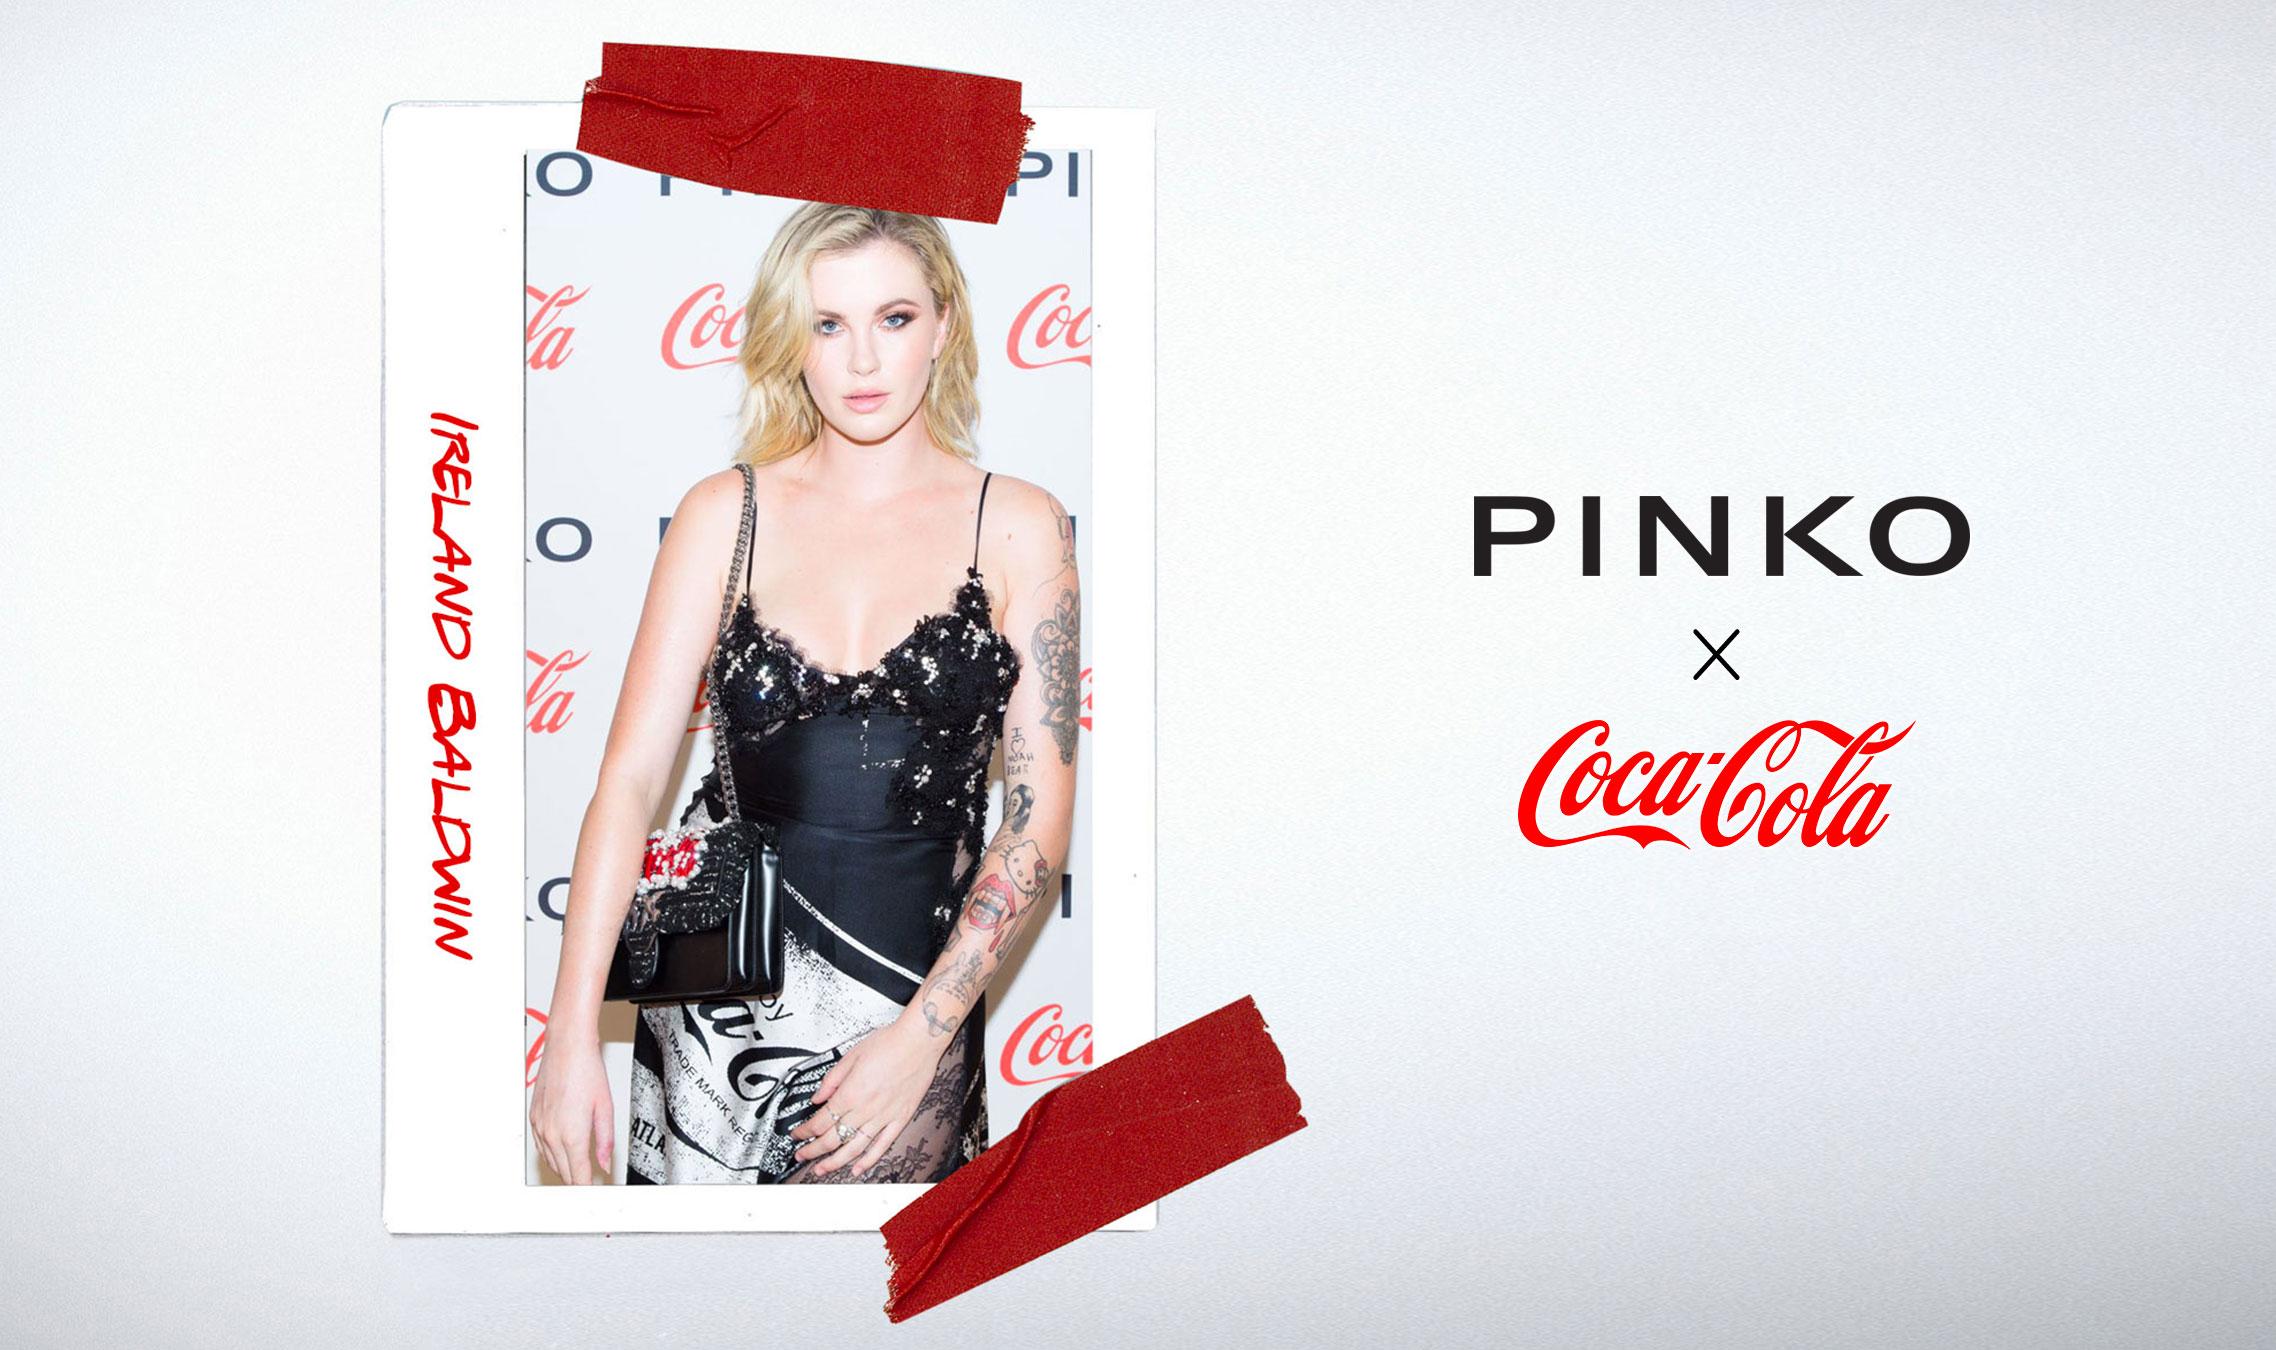 201bb19847 PINKO x Coca-Cola - PINKO Diaries